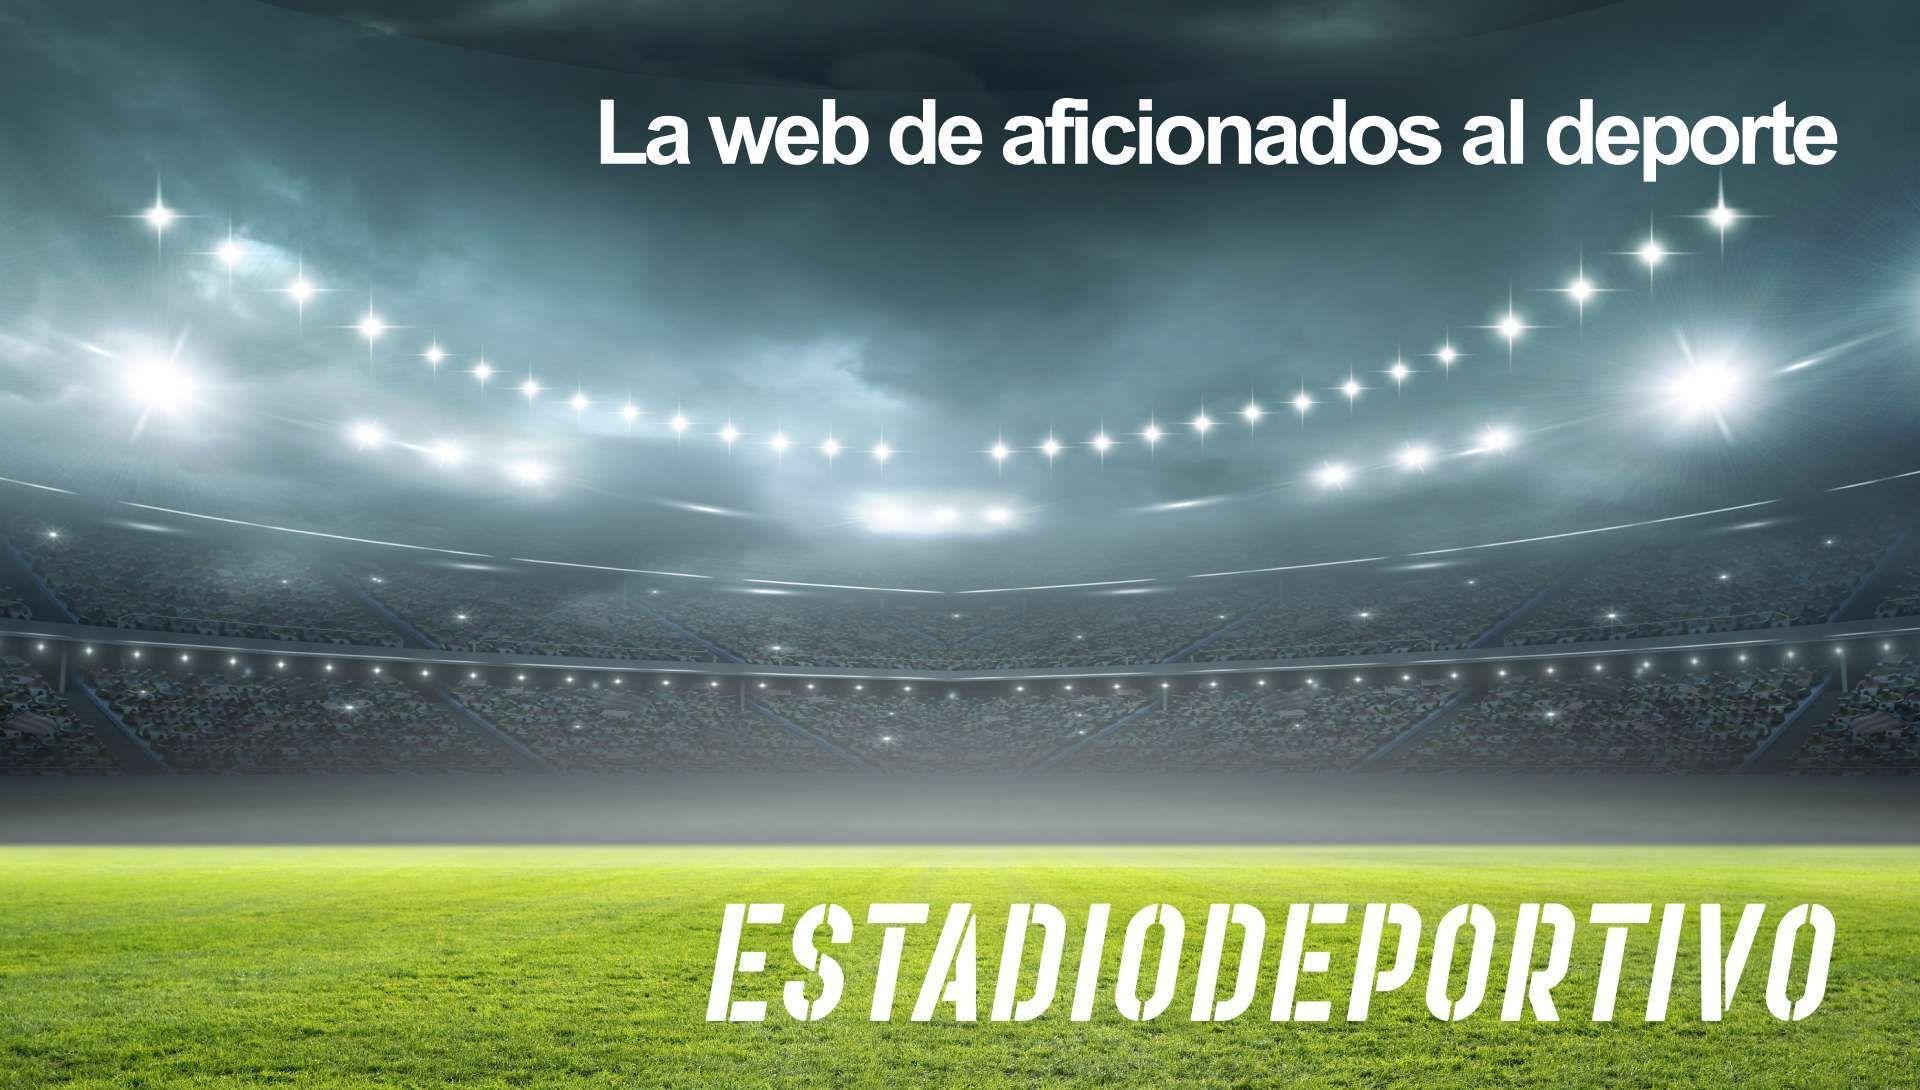 Las portadas del domingo 14 de marzo